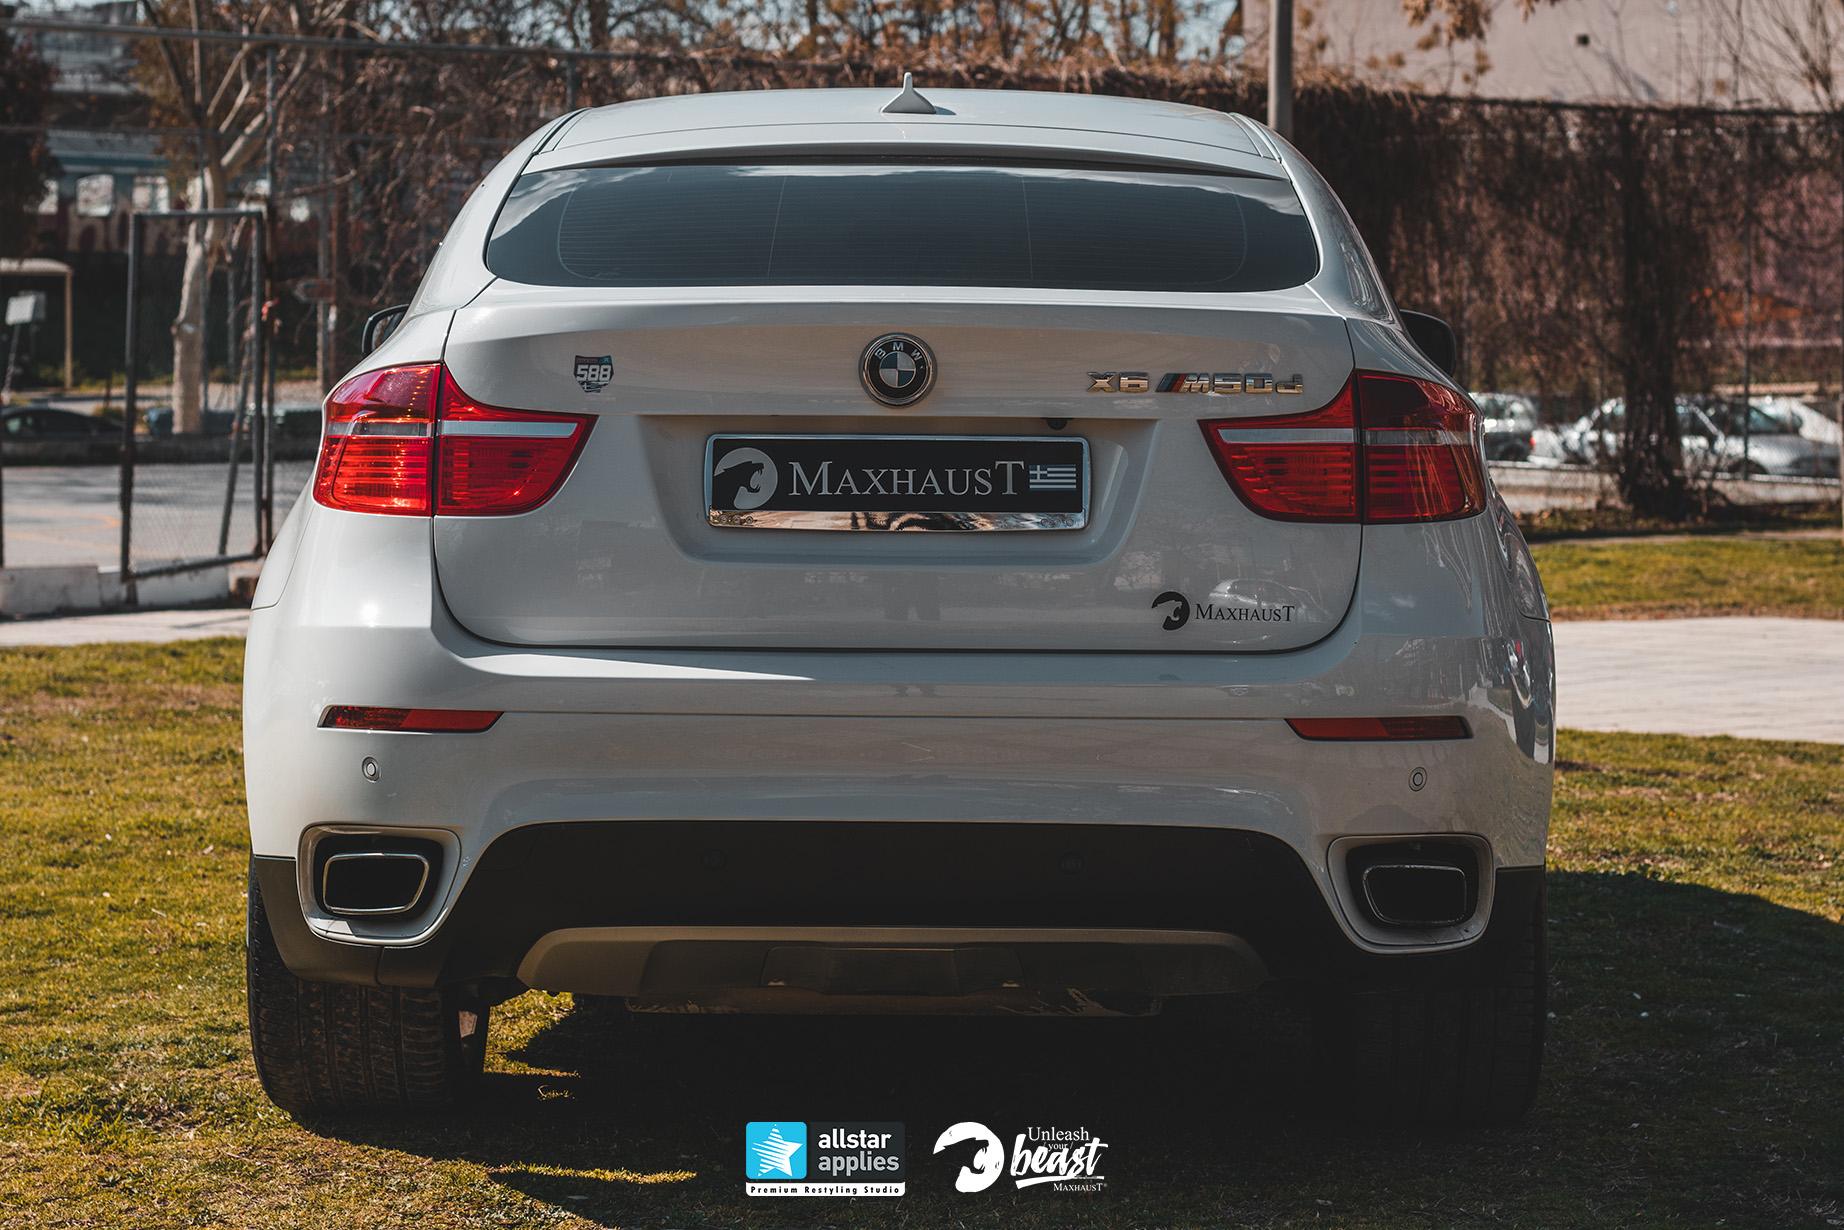 BMW X6 MAXHAUST 4